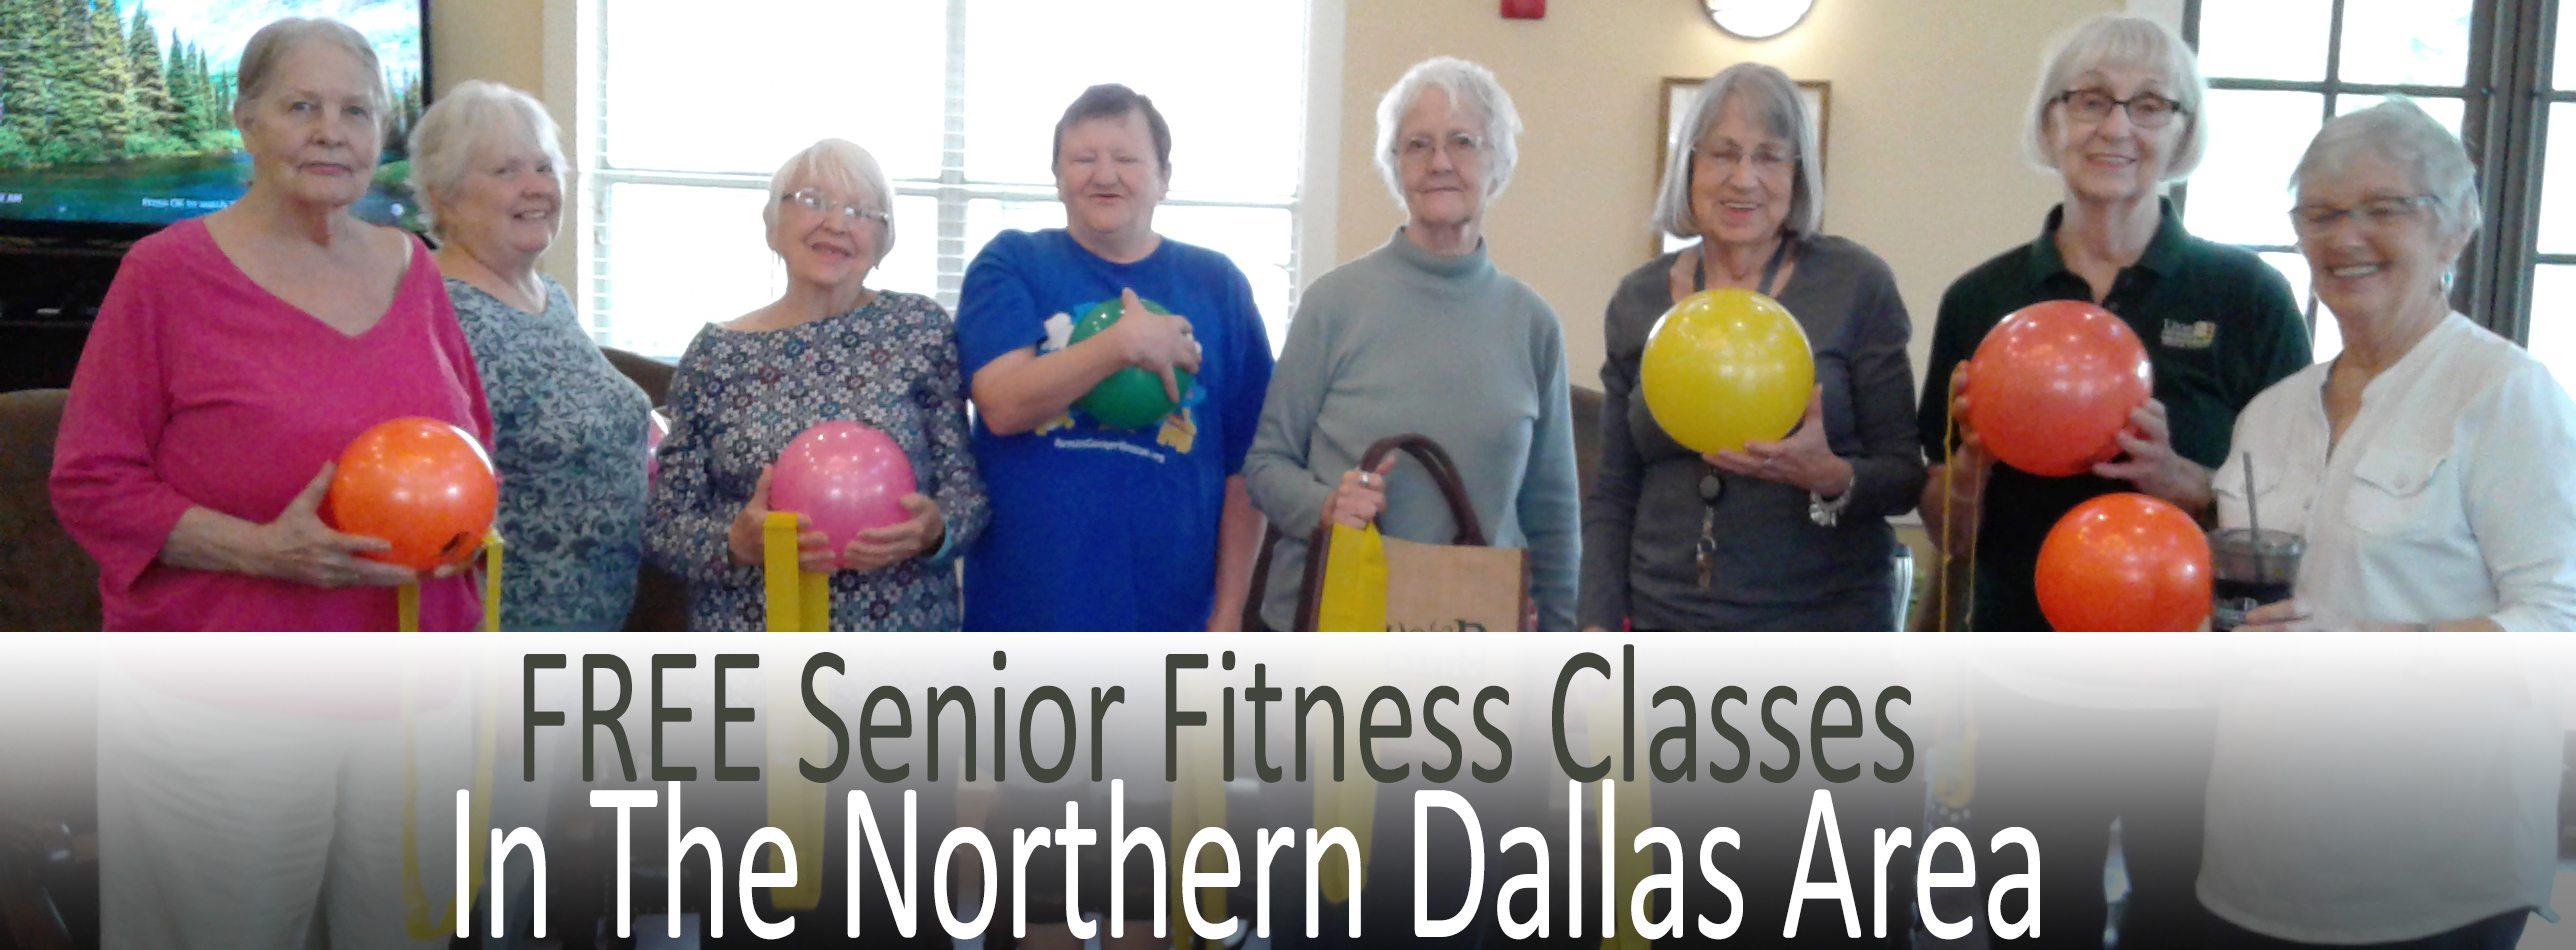 FREE Senior Fitness Classes in Northern Dallas